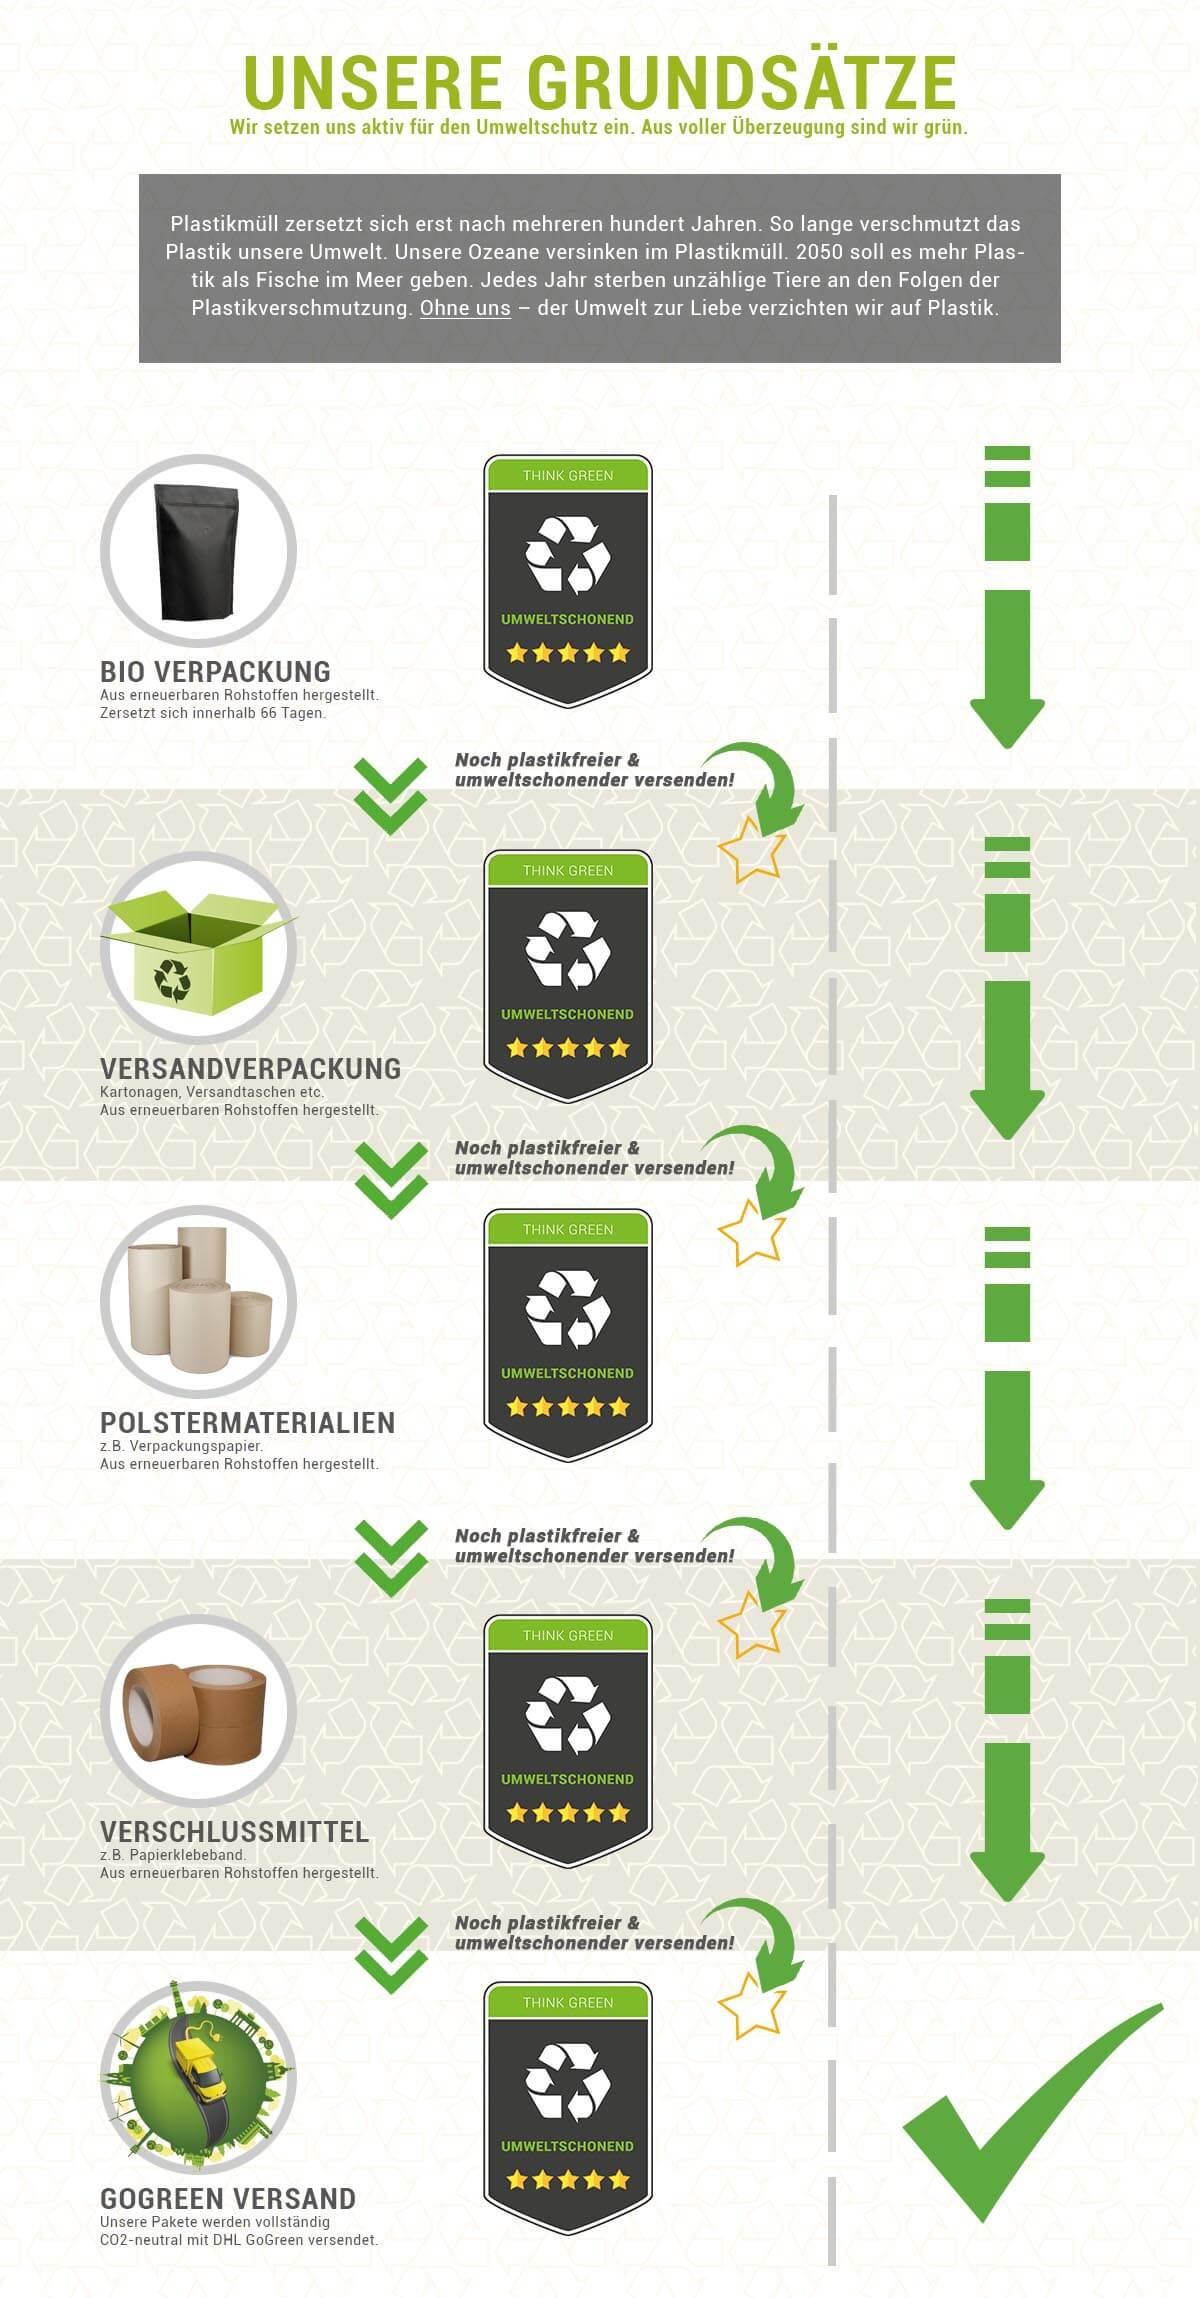 Gemeinsam gegen Plastikmüll